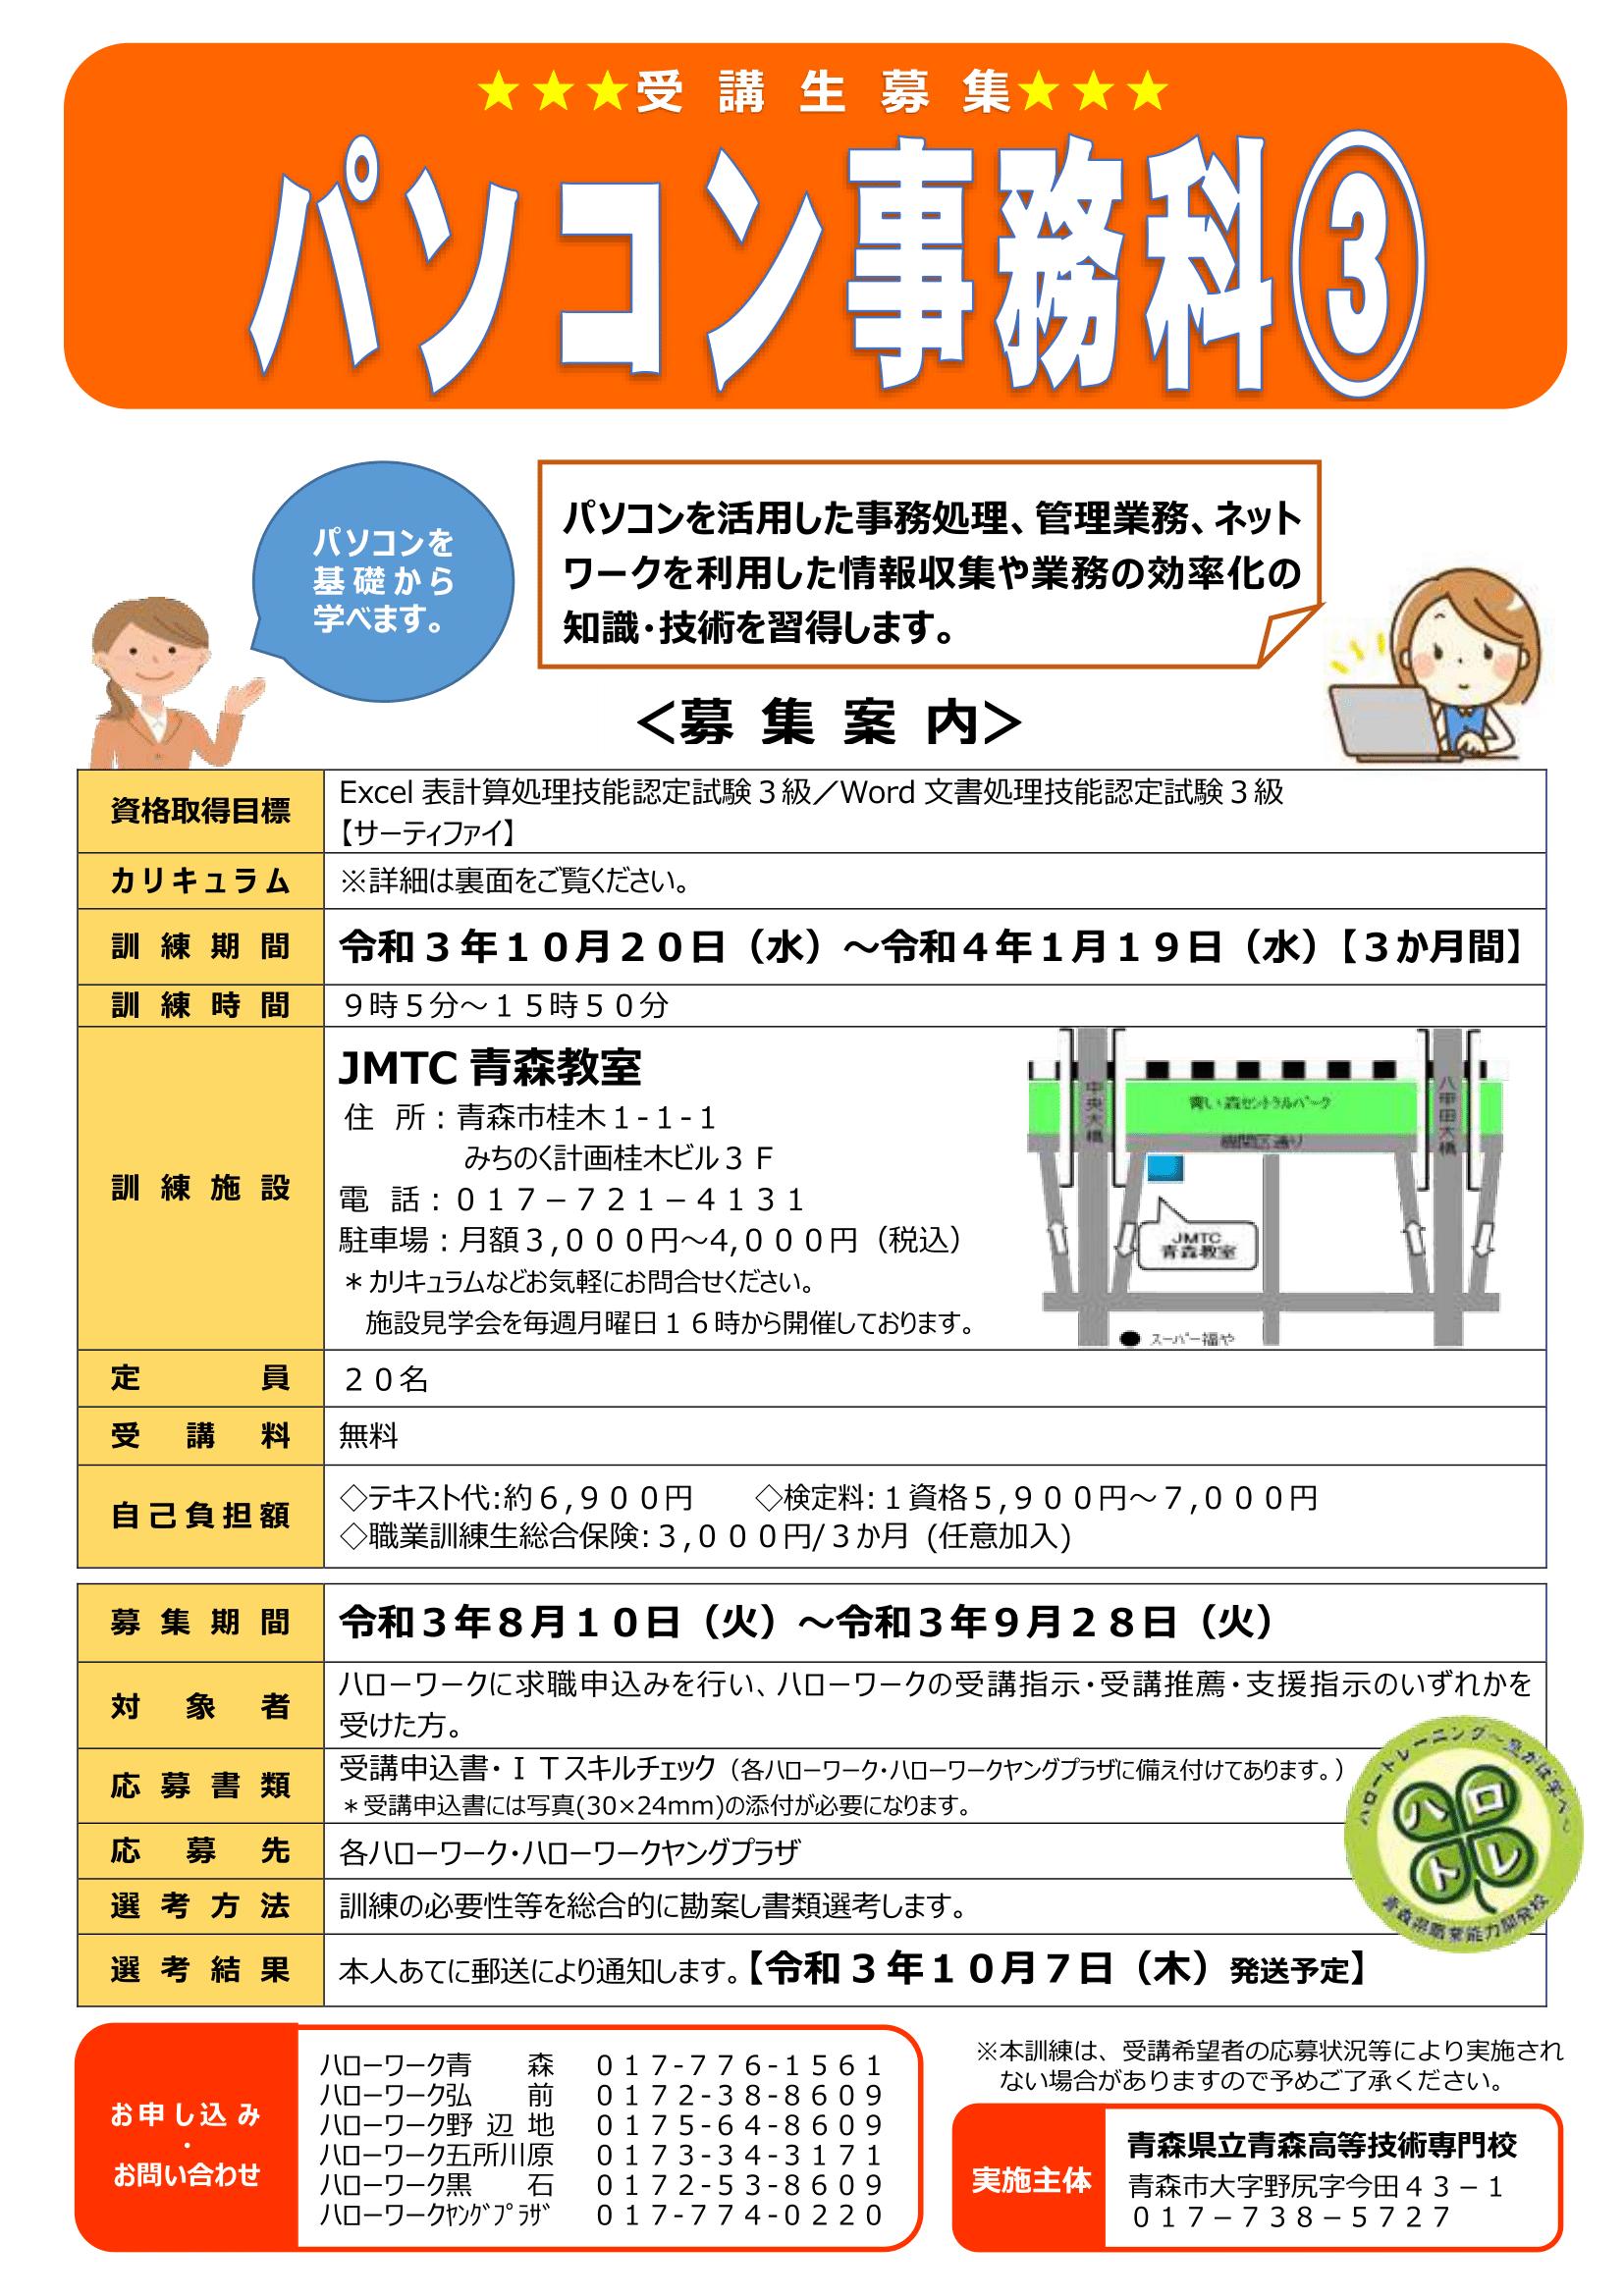 JMTC_パソコン事務科③チラシ